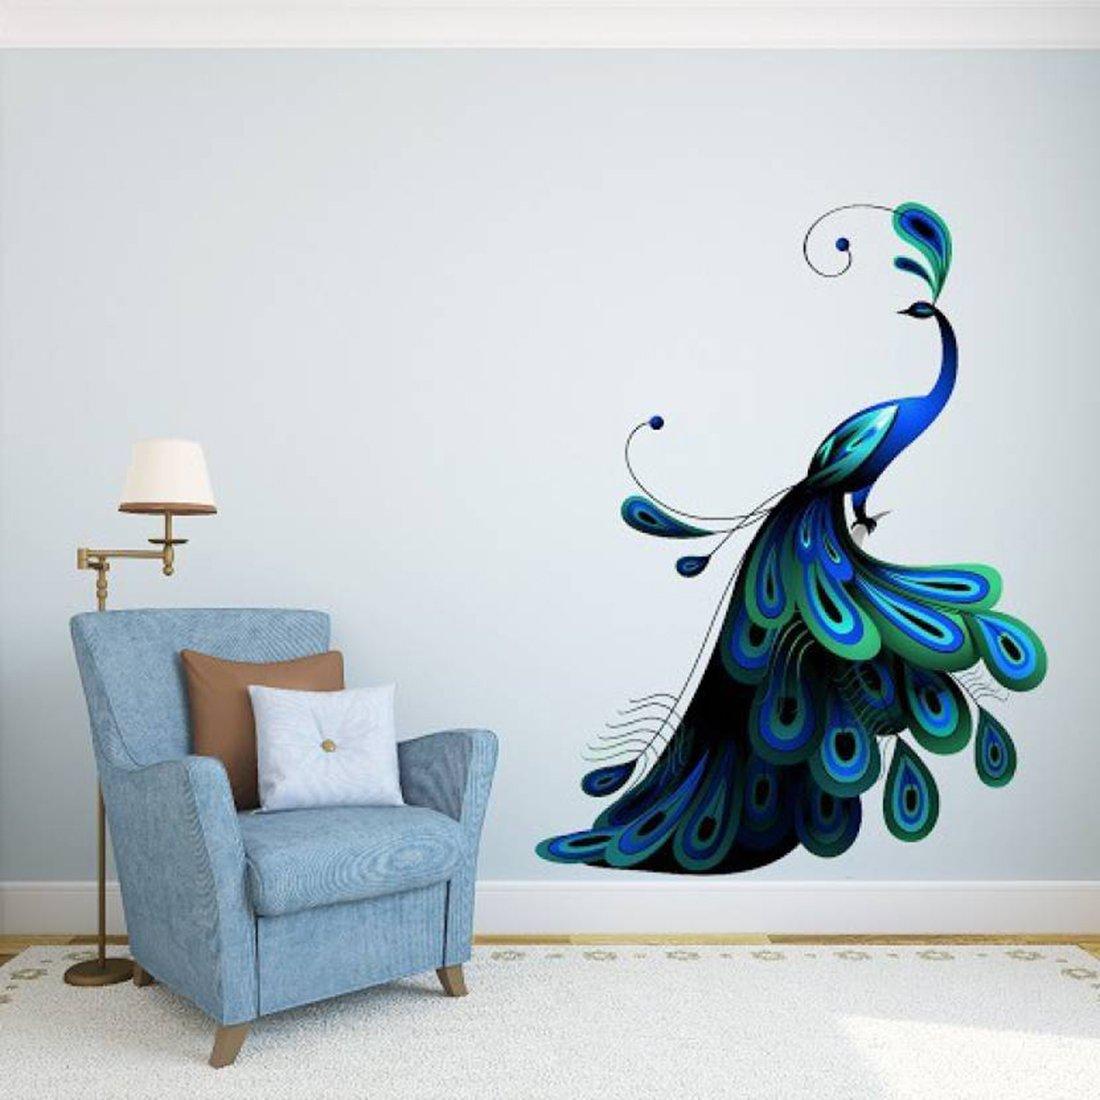 Peacock Bird: Wall Sticker Design